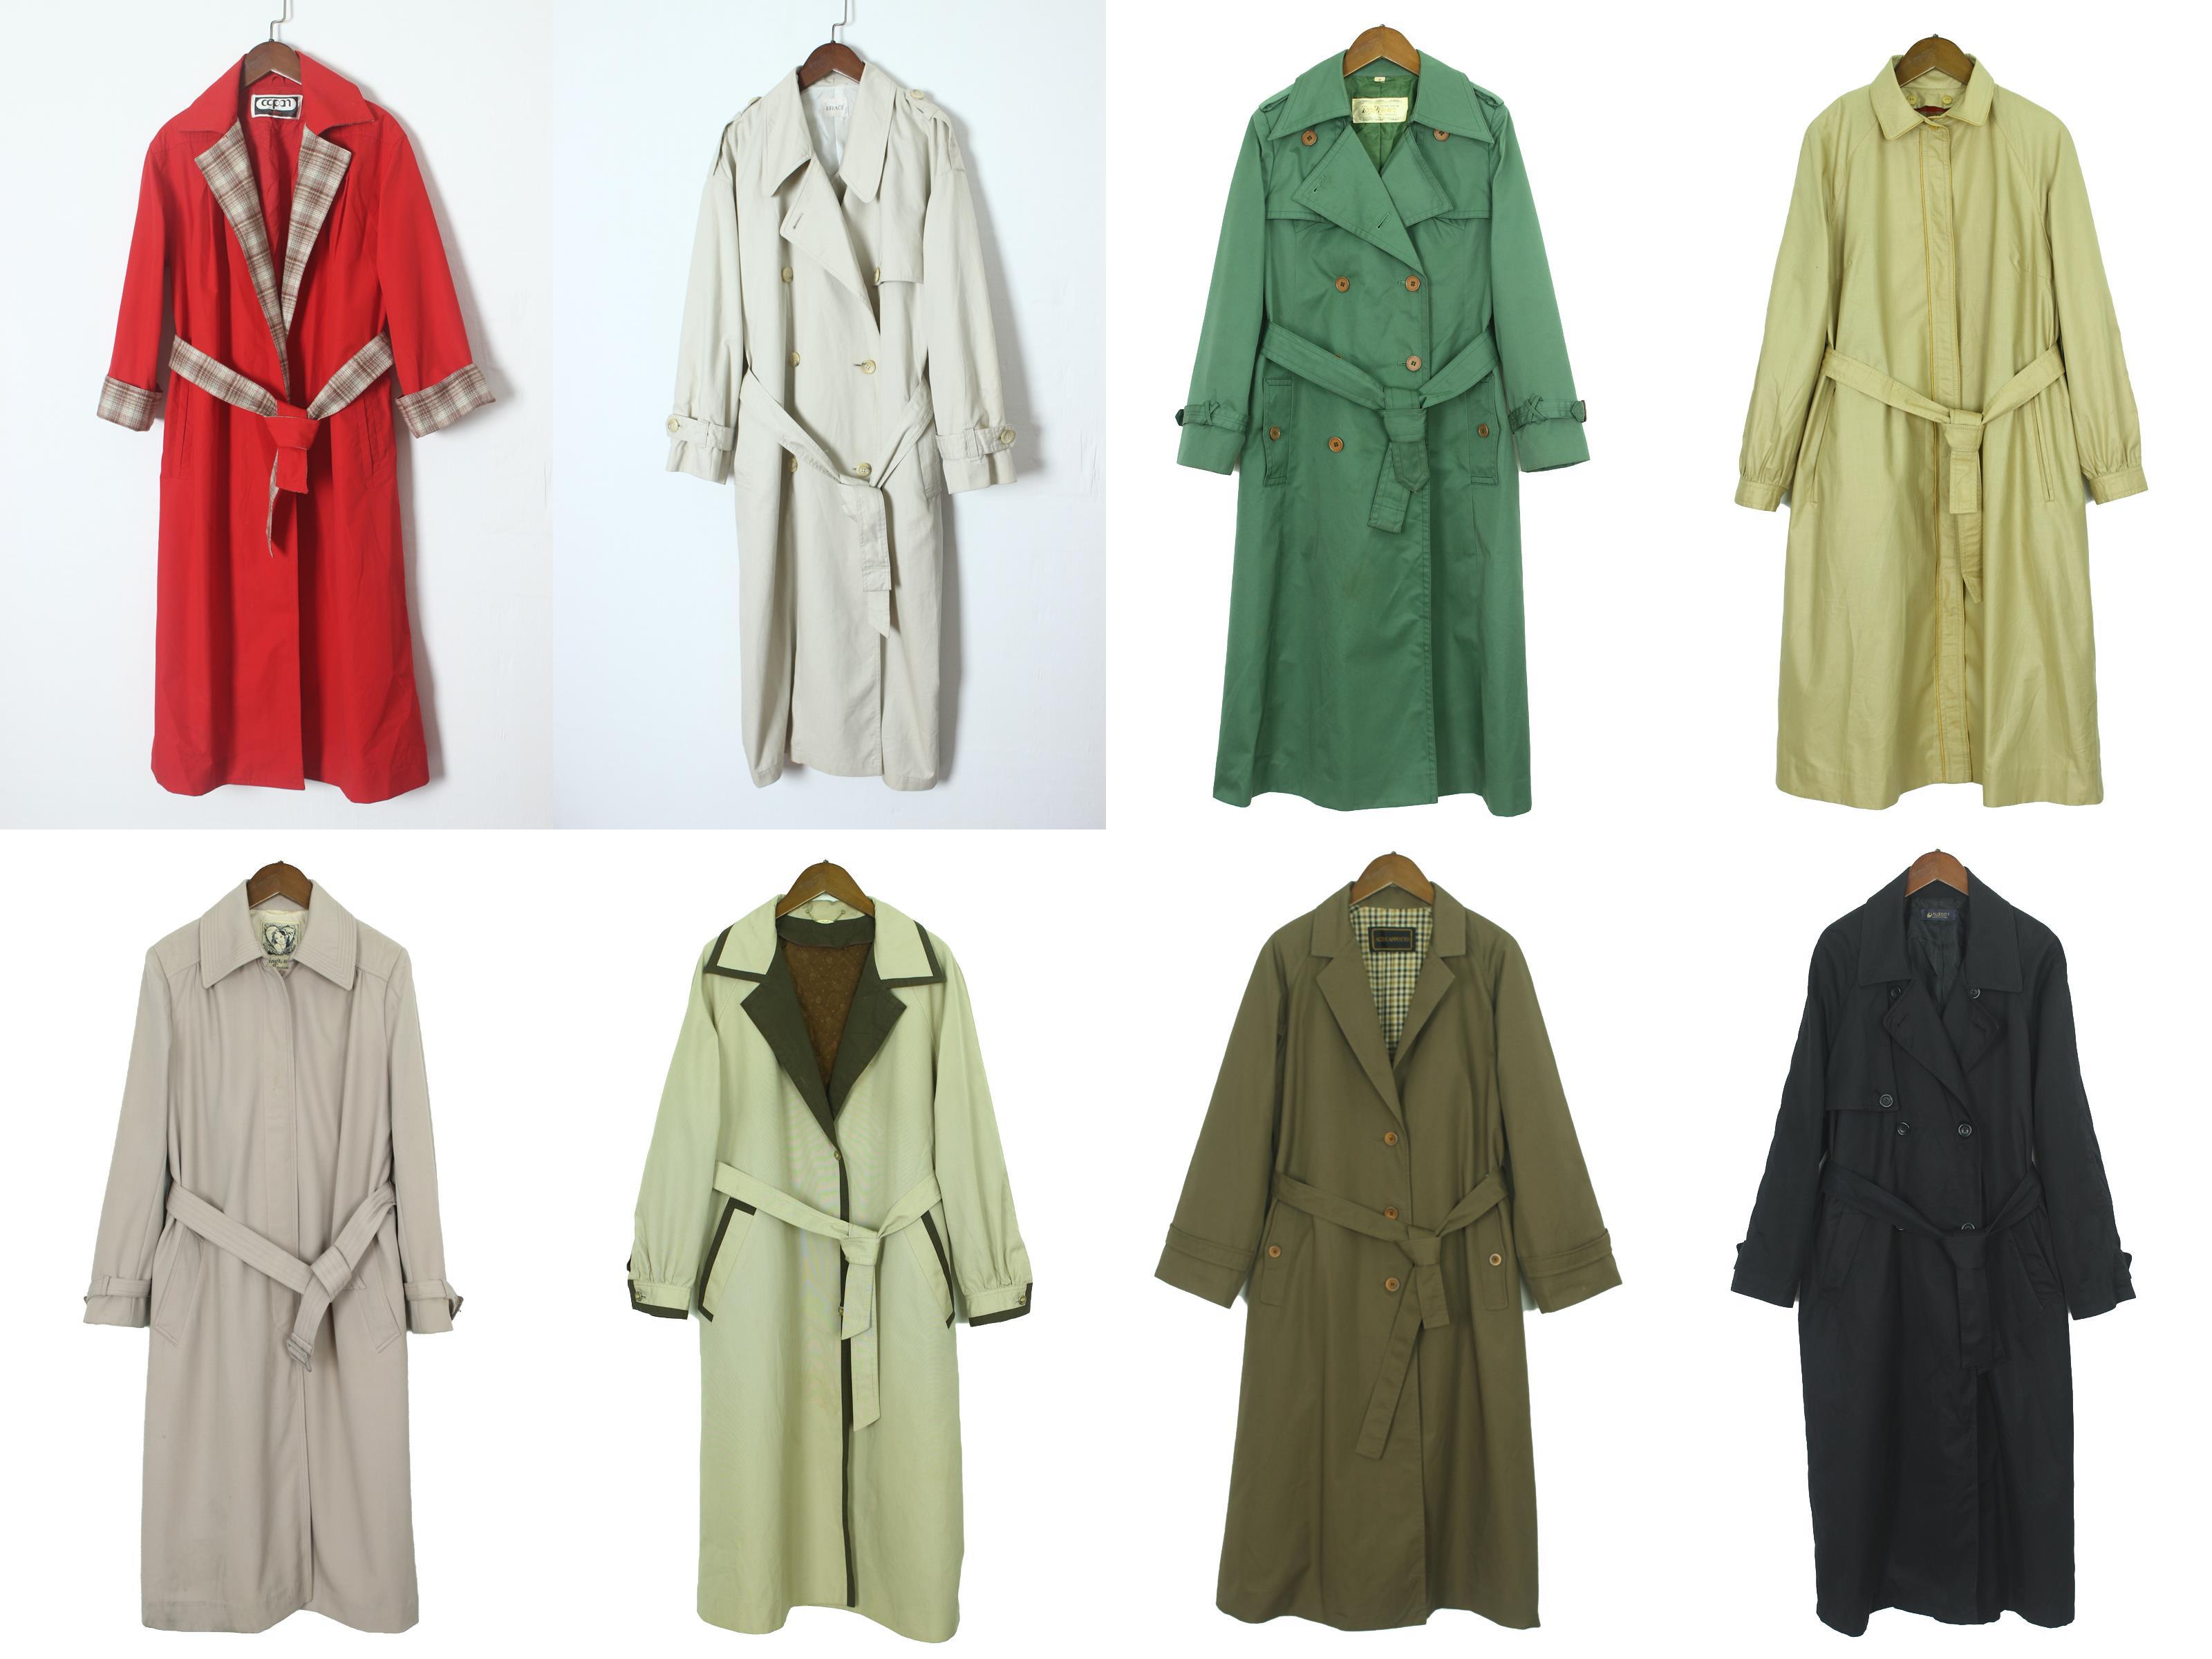 欧美系带风衣 vintage古着孤品大衣 尖货日本长款系带风衣 欧美英伦风衣女外套2_推荐淘宝好看的欧美系带风衣